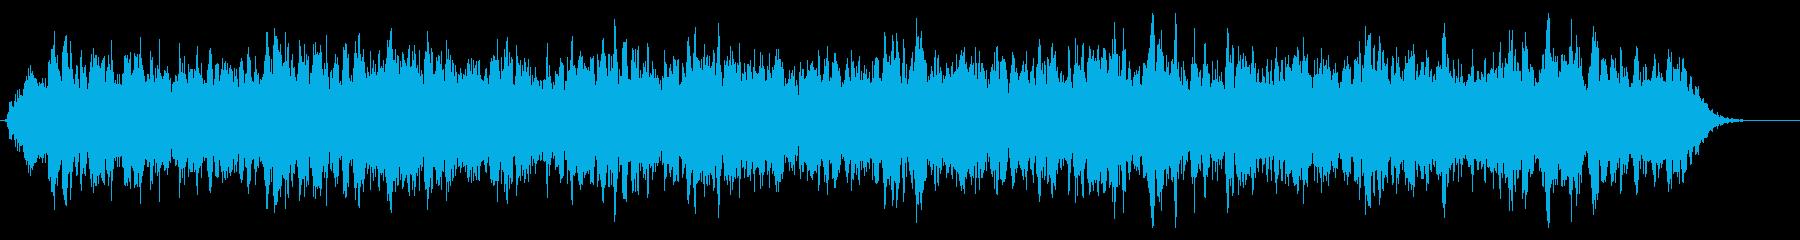 原子力発電所の放射能をイメージしたBGMの再生済みの波形